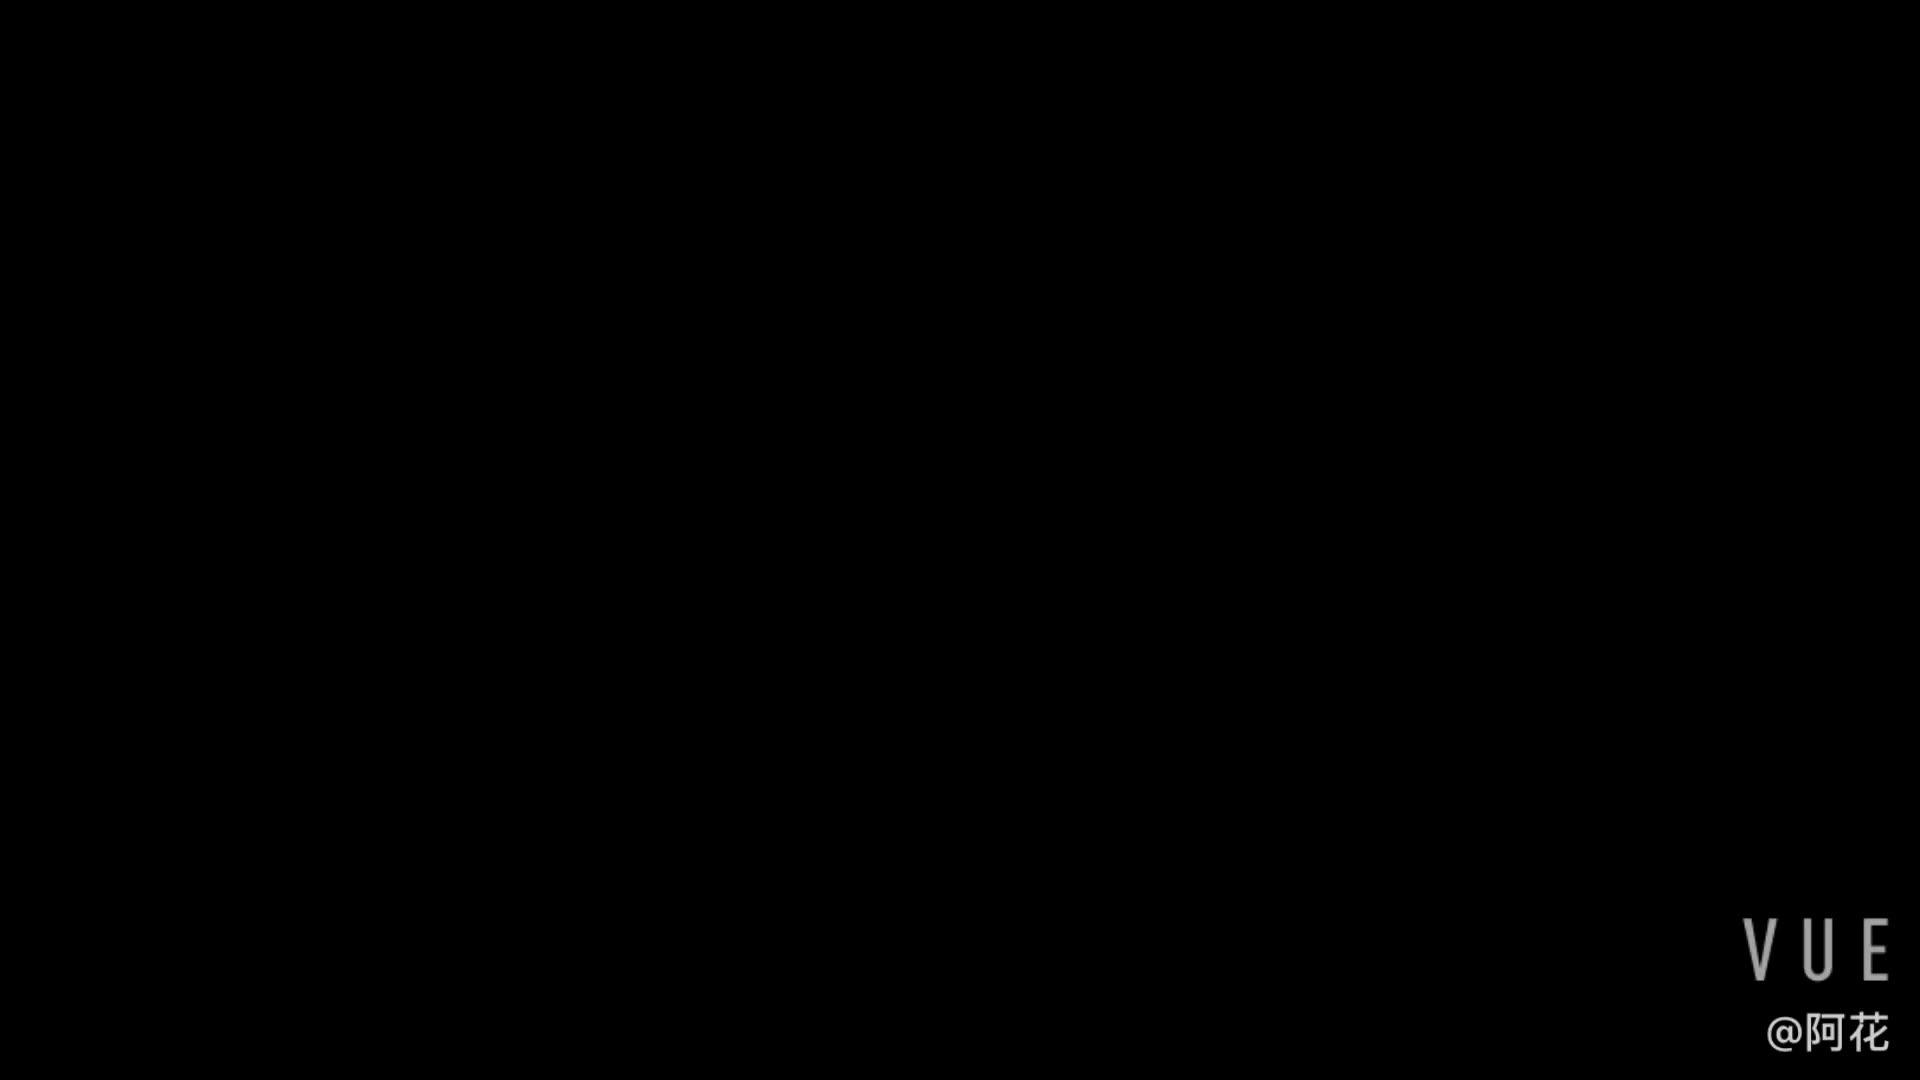 カスタムグログランパーソナライズされたリボンブランド名ロゴプリントベルベットリボン